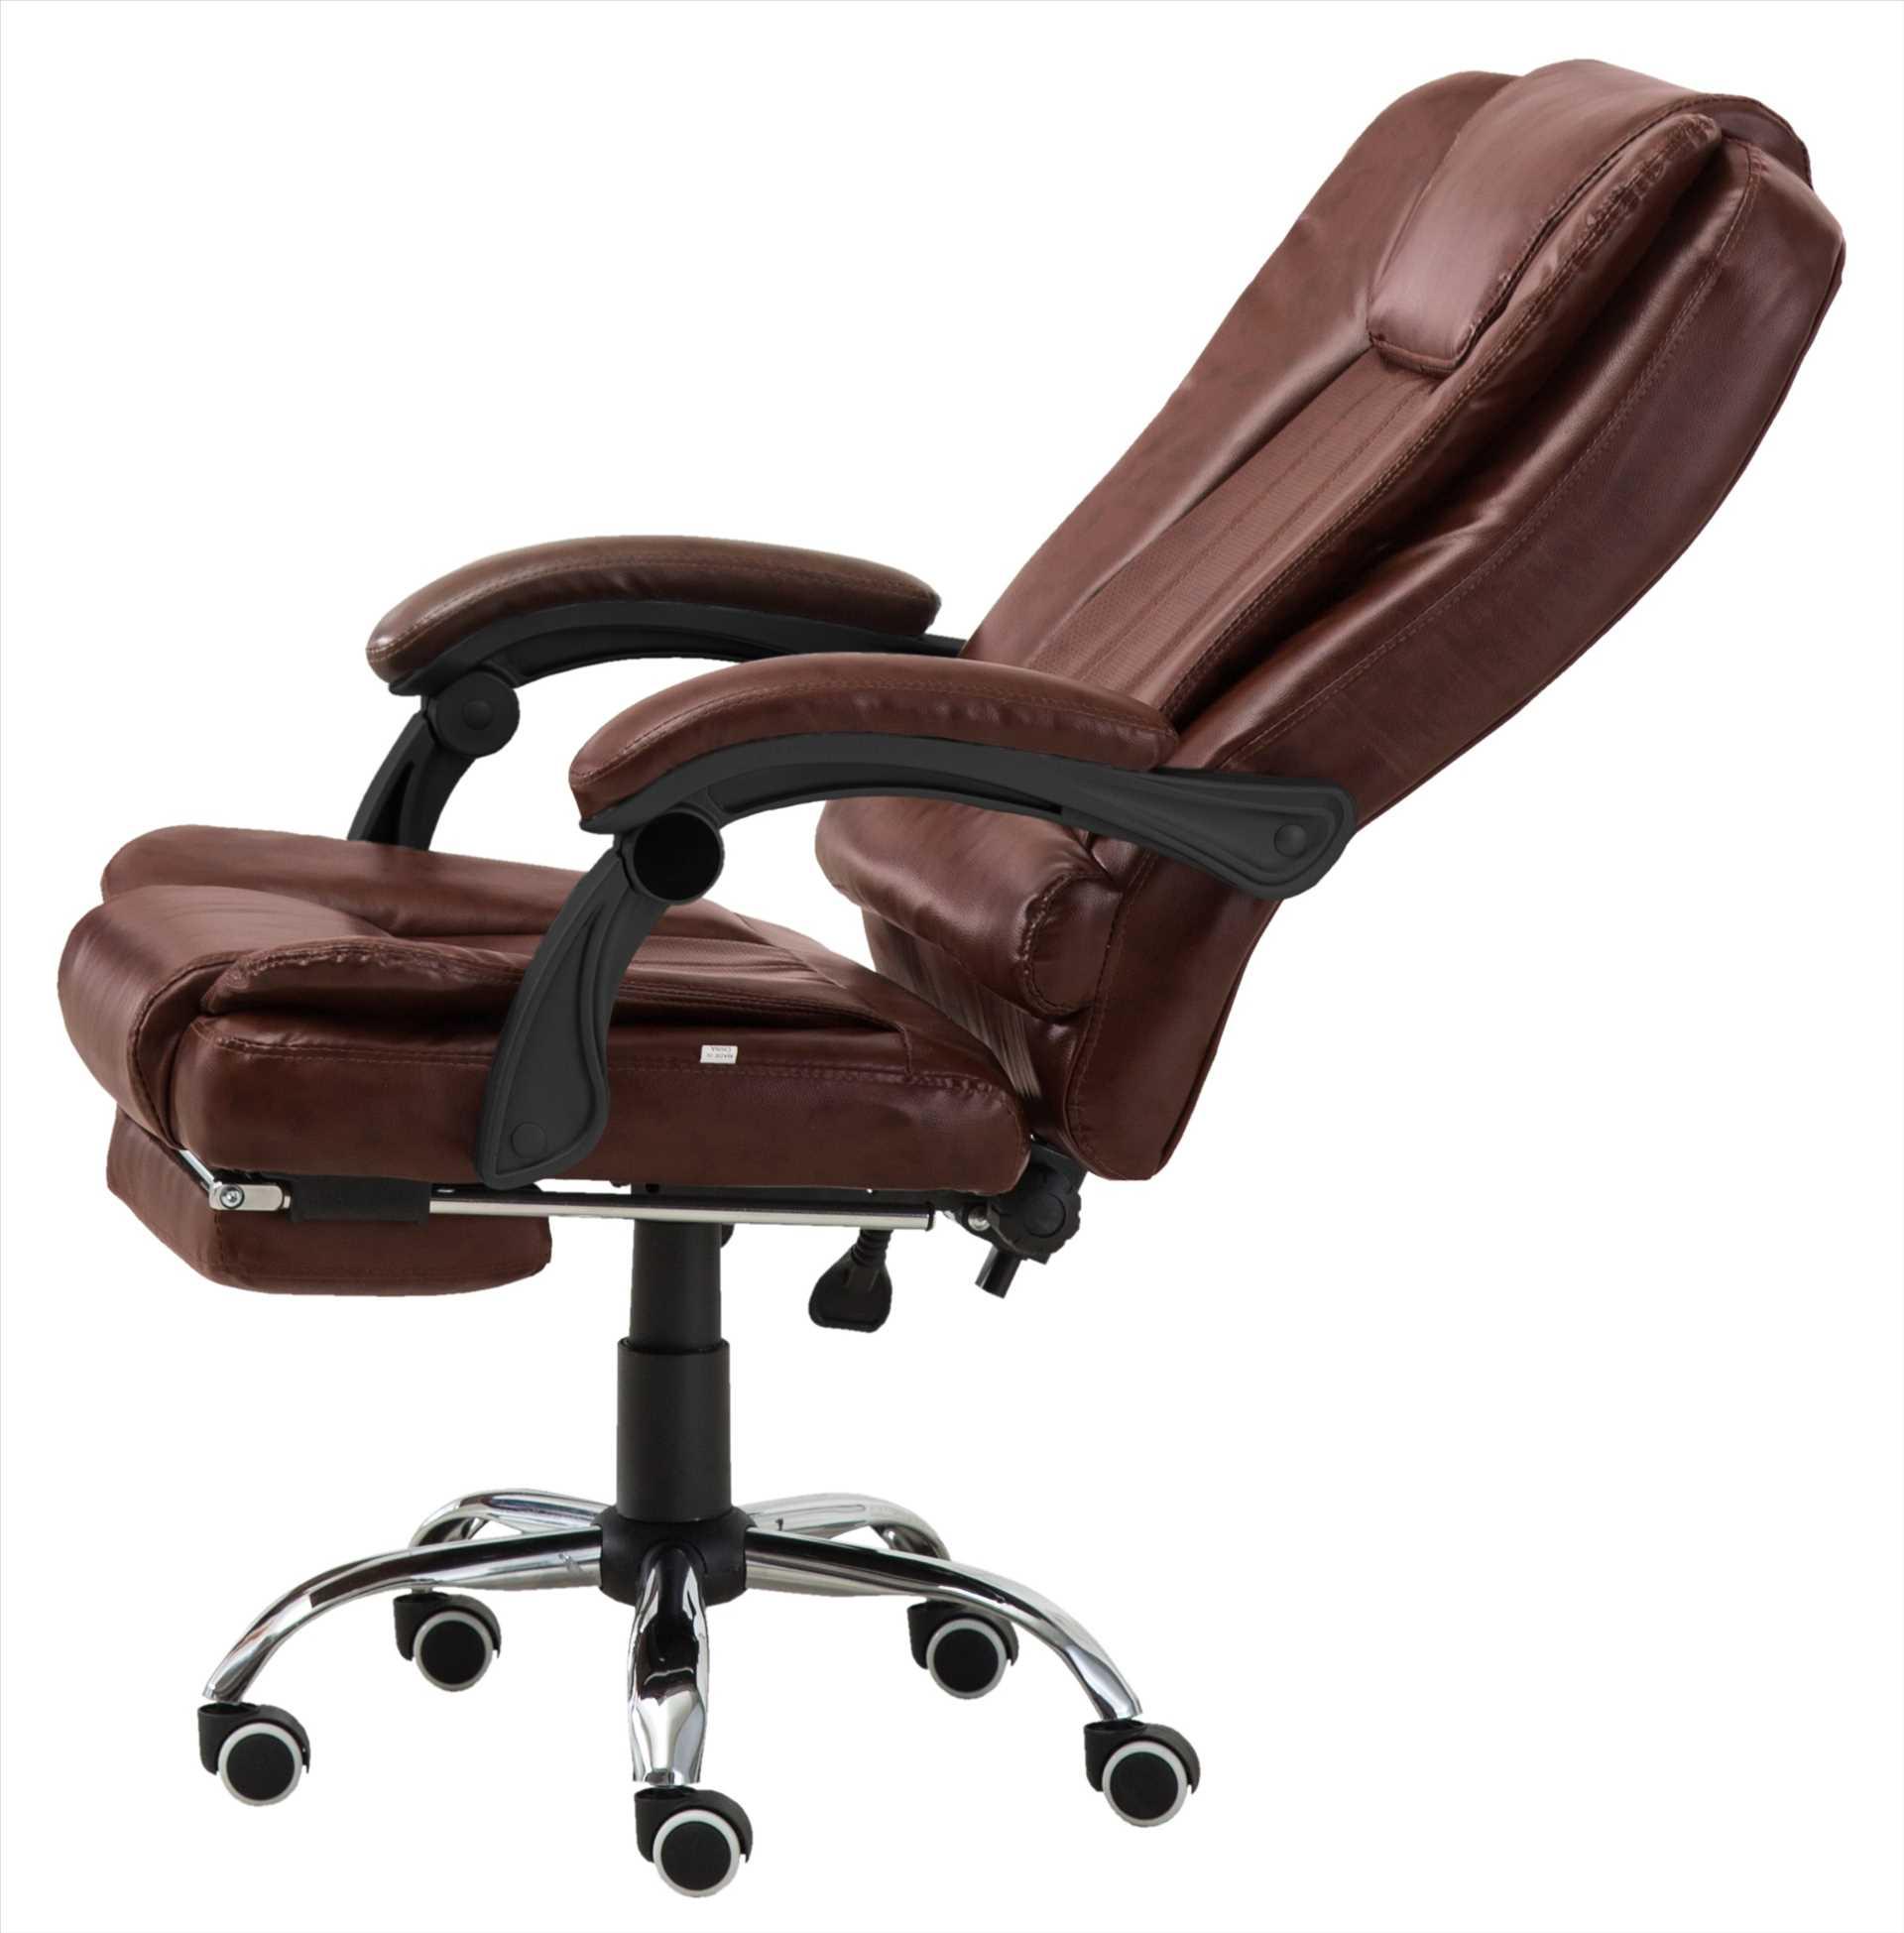 כיסא מנהלים משרדי דגם BOSS כולל הדום נשלף צבע בורגונדי PRO TECH פרו-טק - תמונה 3